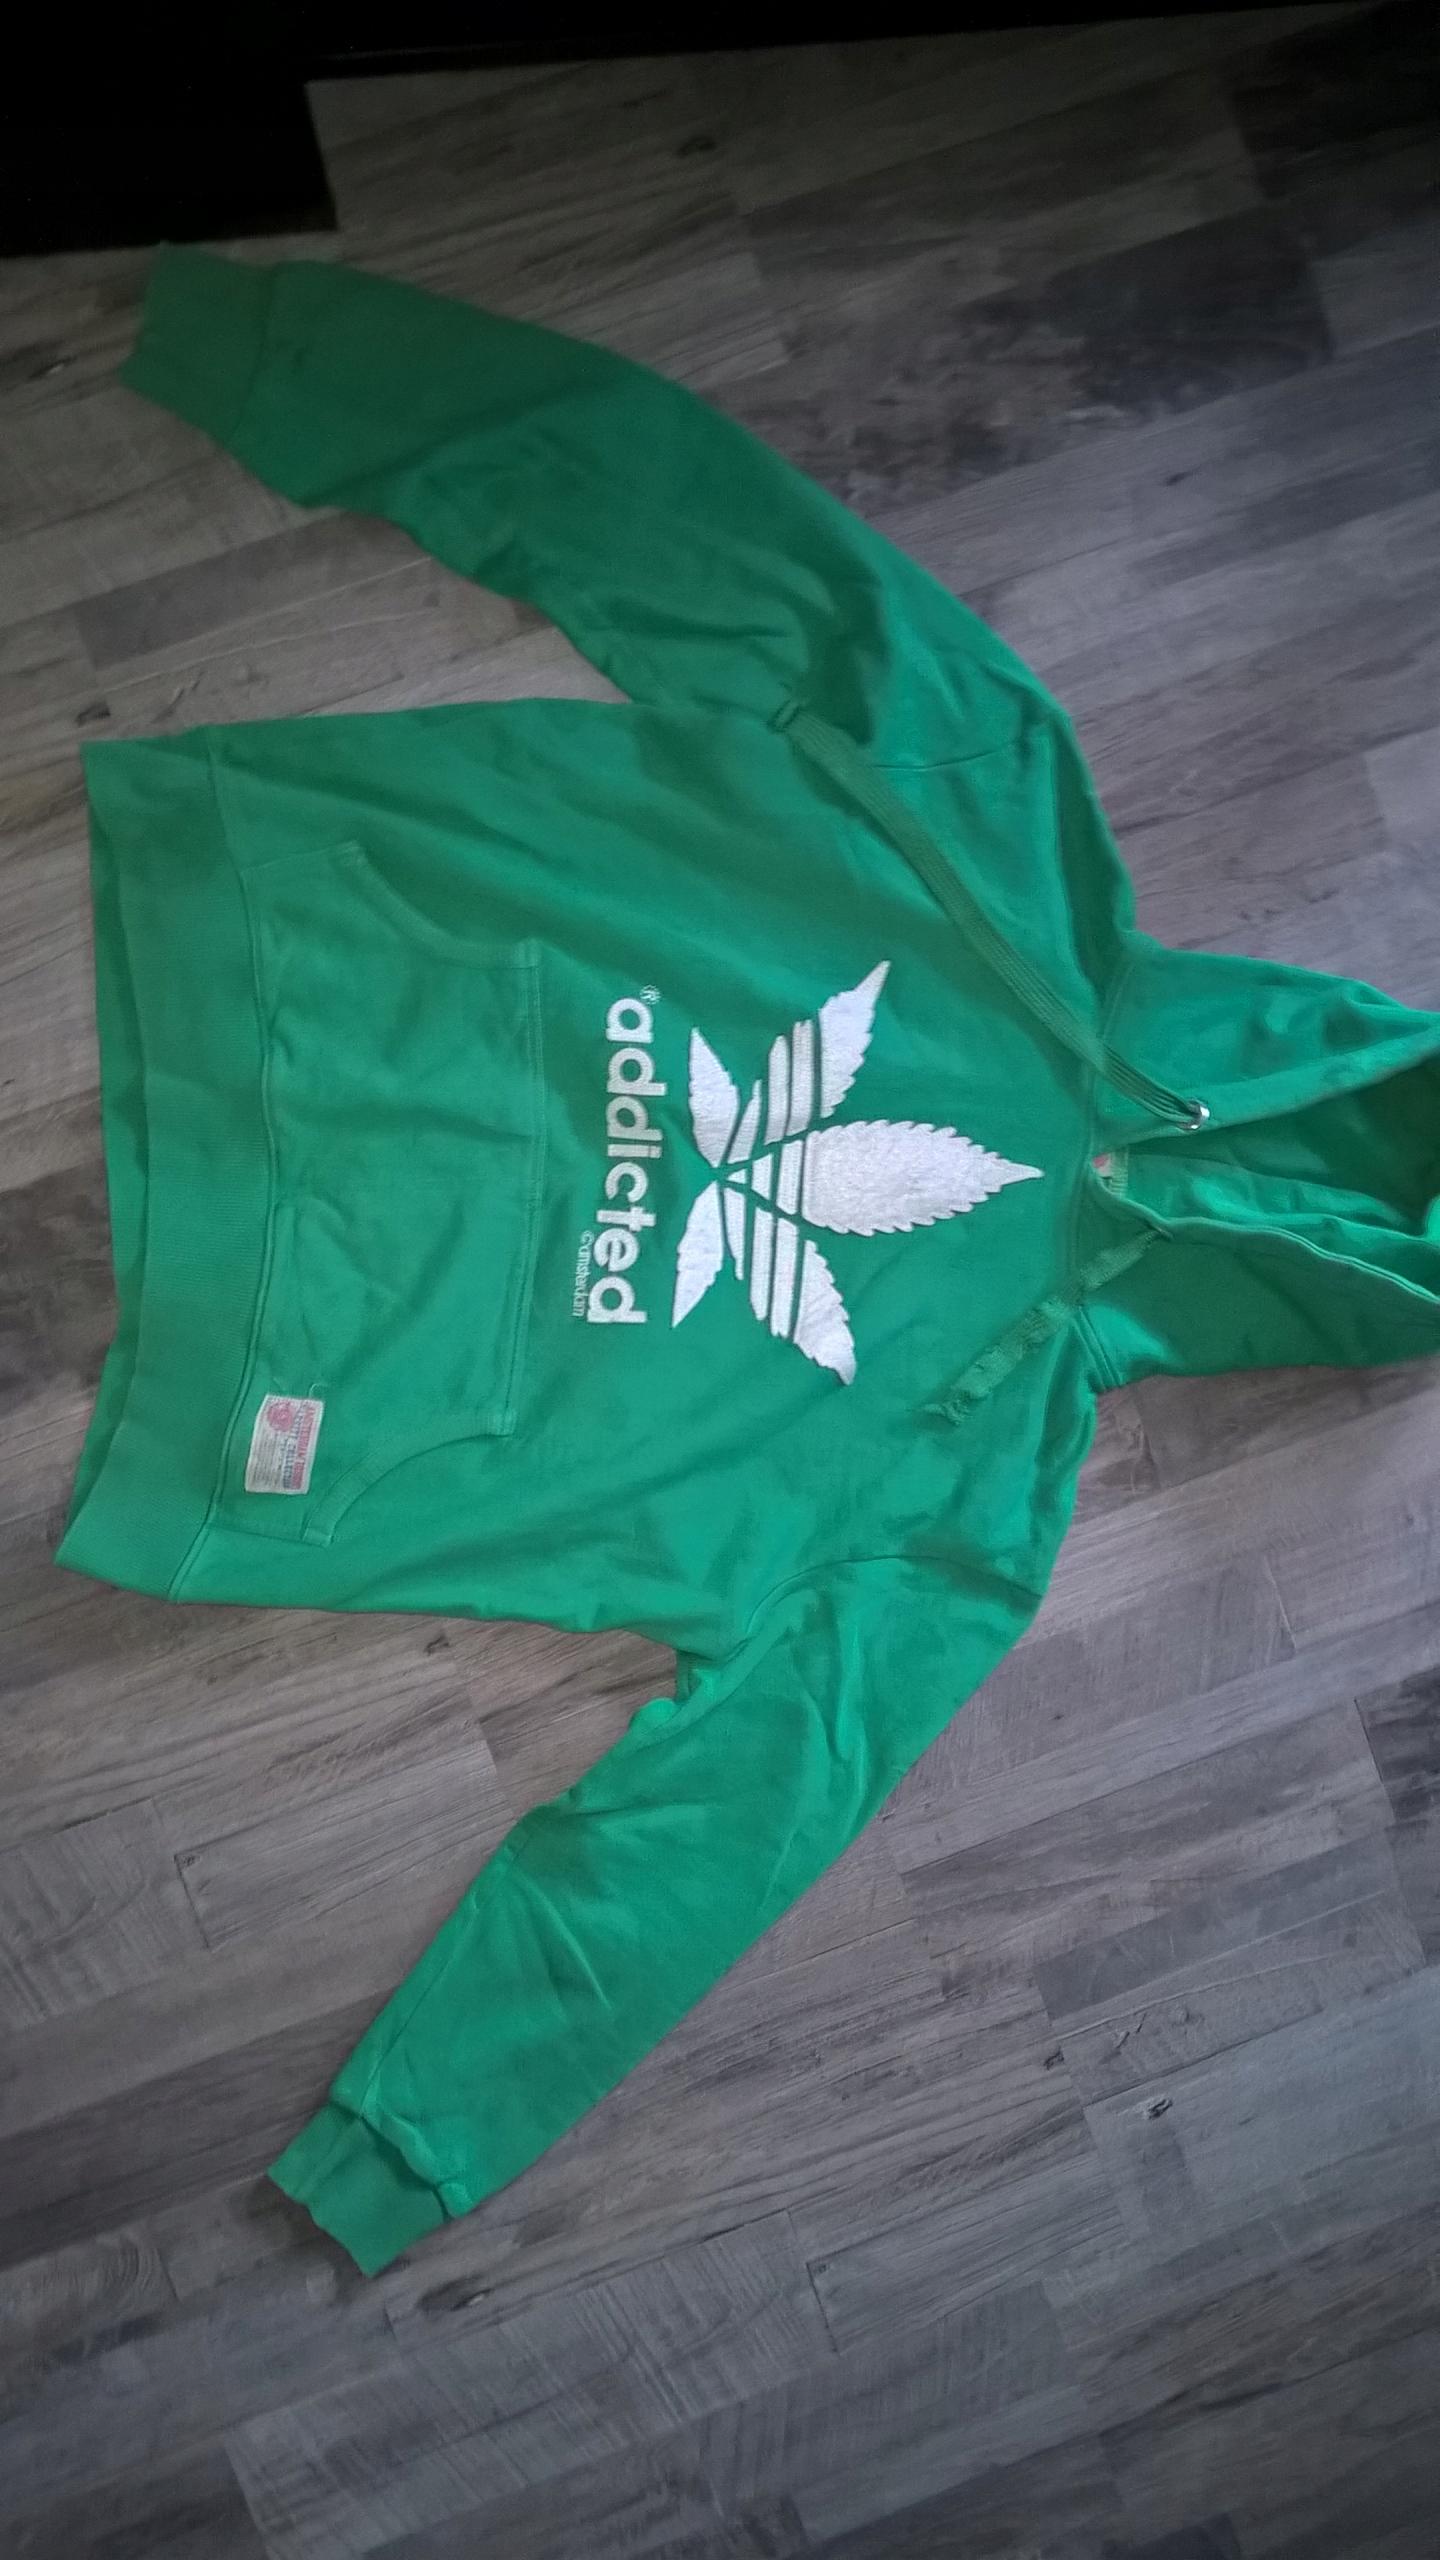 Bluza Addicted Cannabis firmy Amsterdam Designs